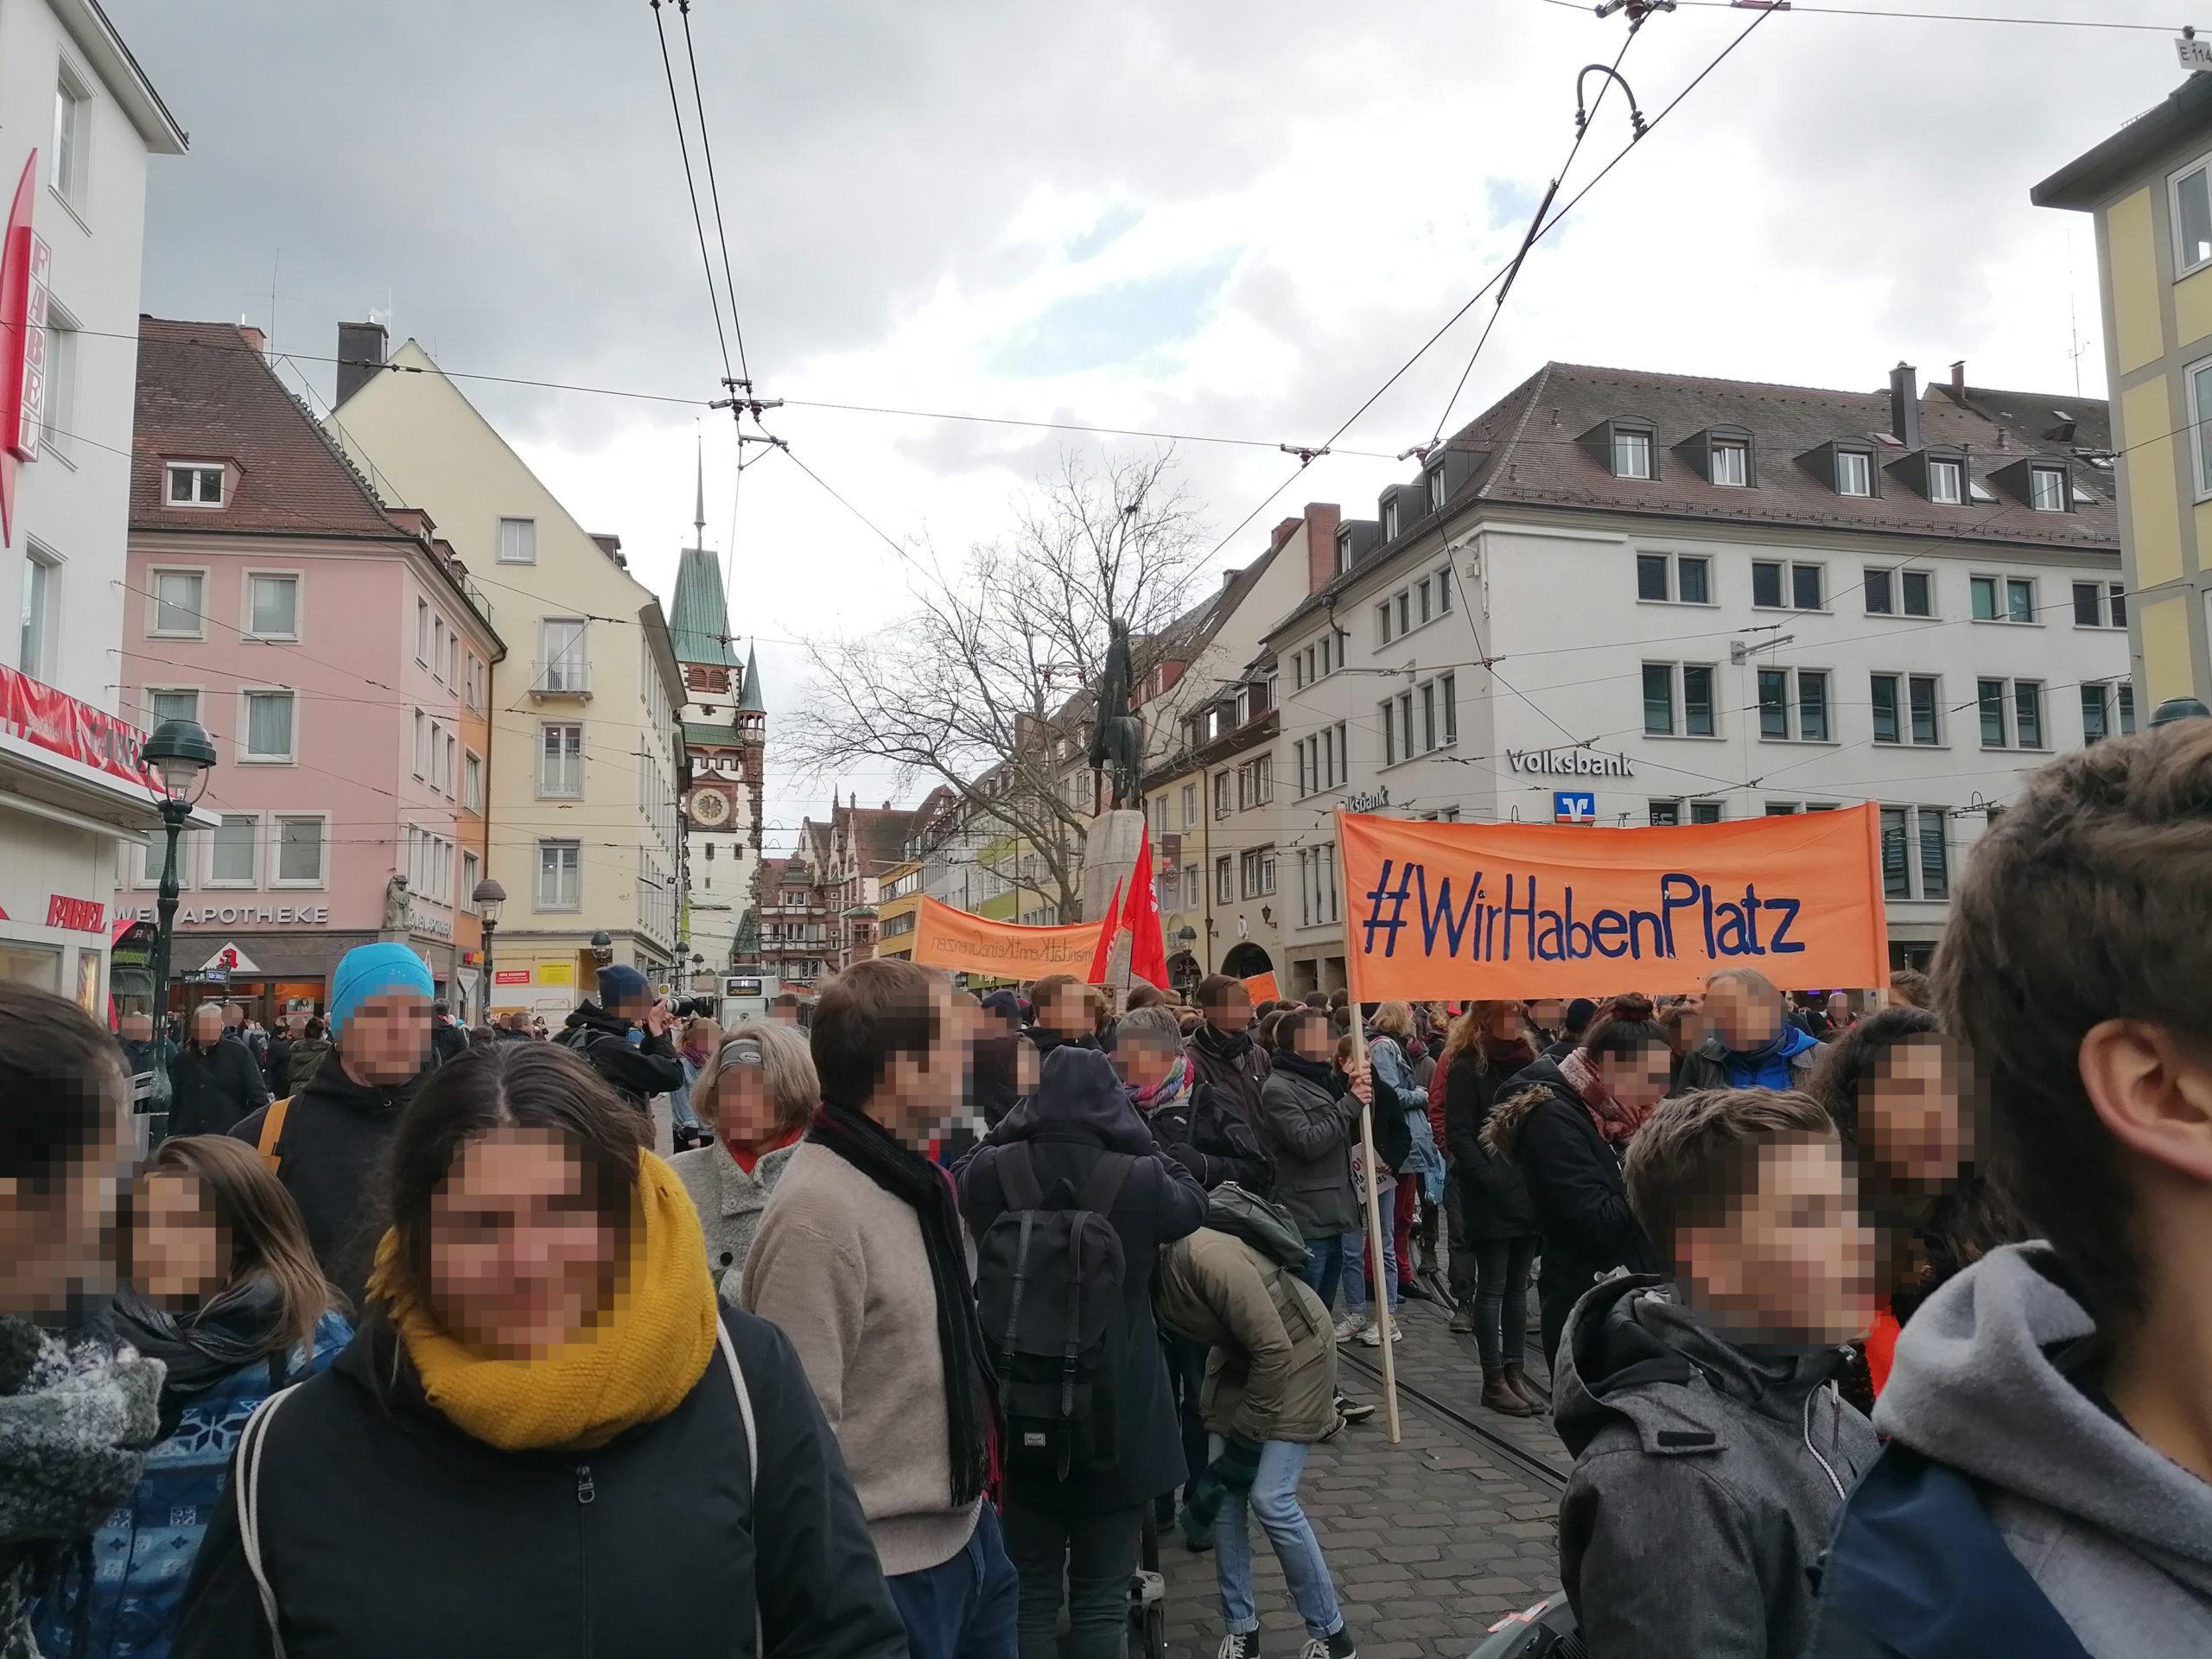 """Viele Menschen befinden sich während des Demozugs am Bertholdsbrunnen. Auf einem Transparent ist zu lesen: """"#WirHabenPlatz"""""""